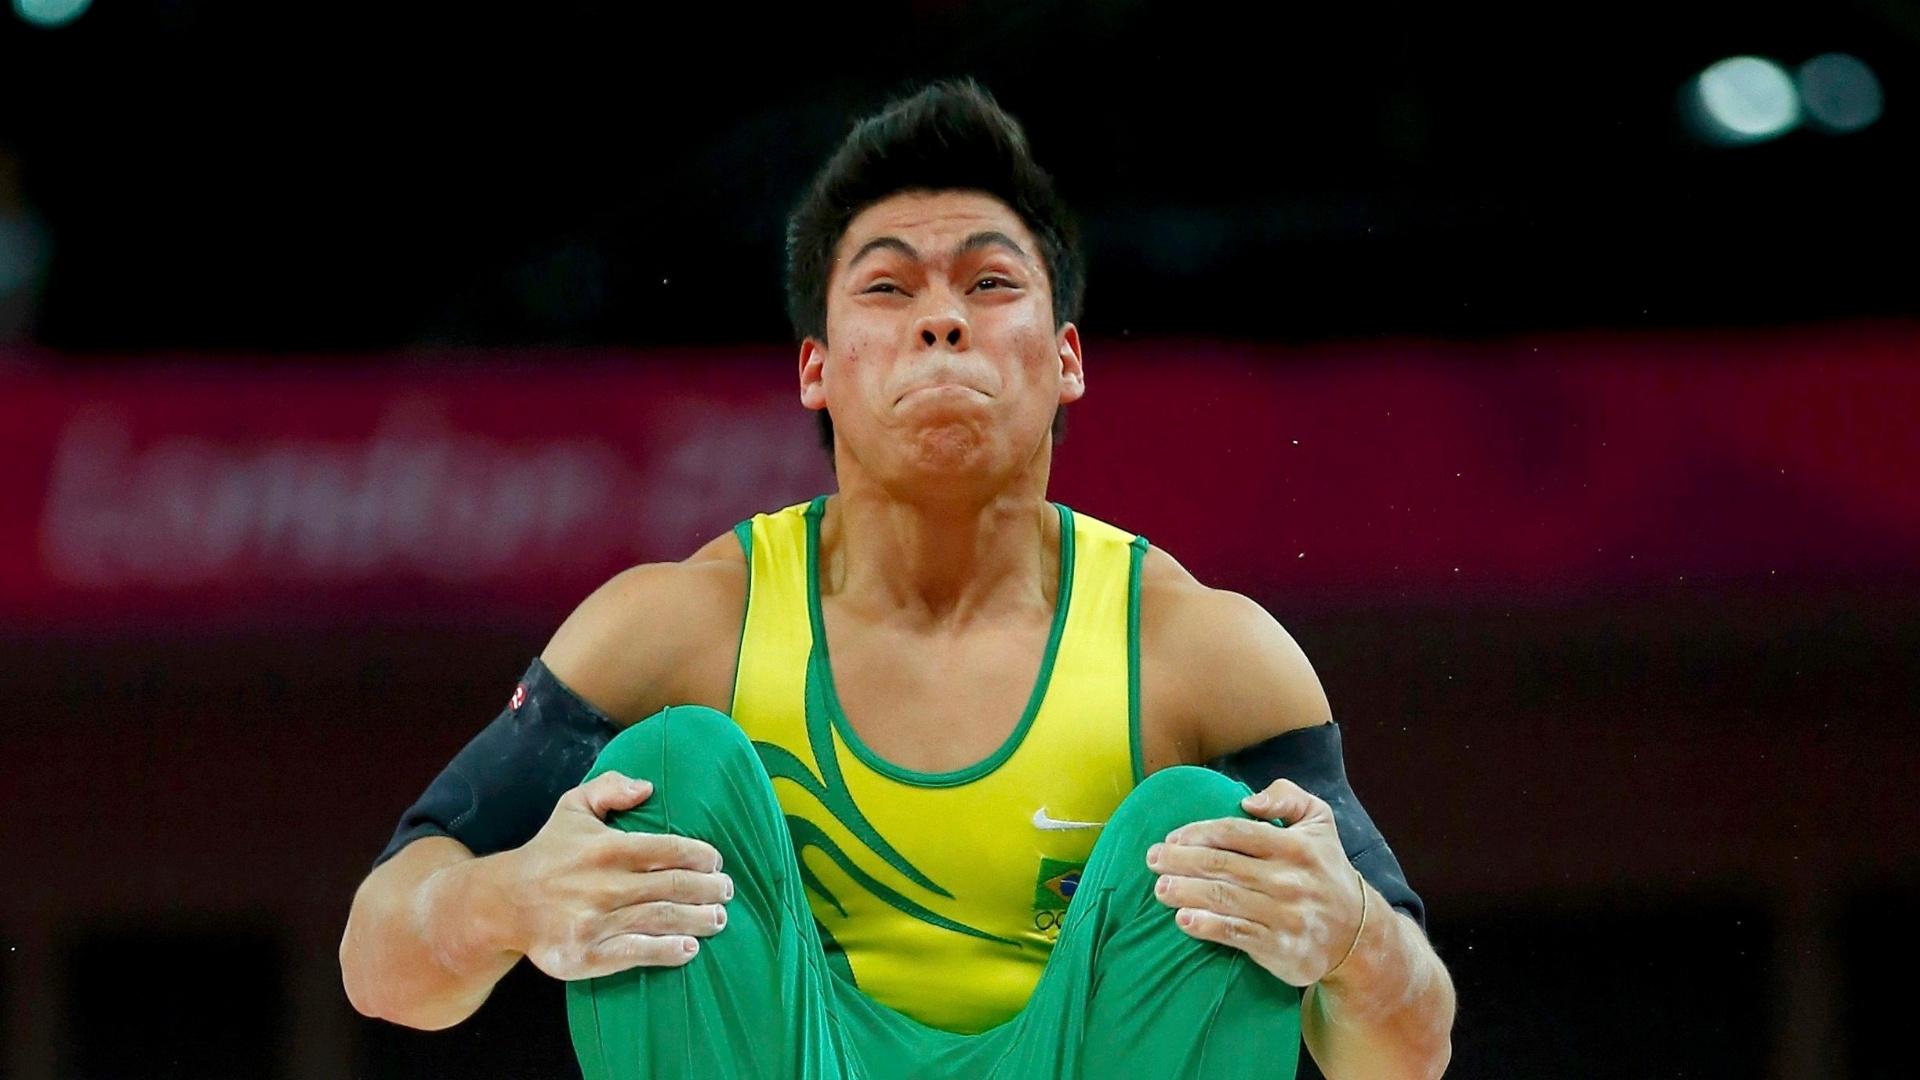 Sergio Sasakifaz careta durante exercício nas barras paralelas na final individual da ginástica